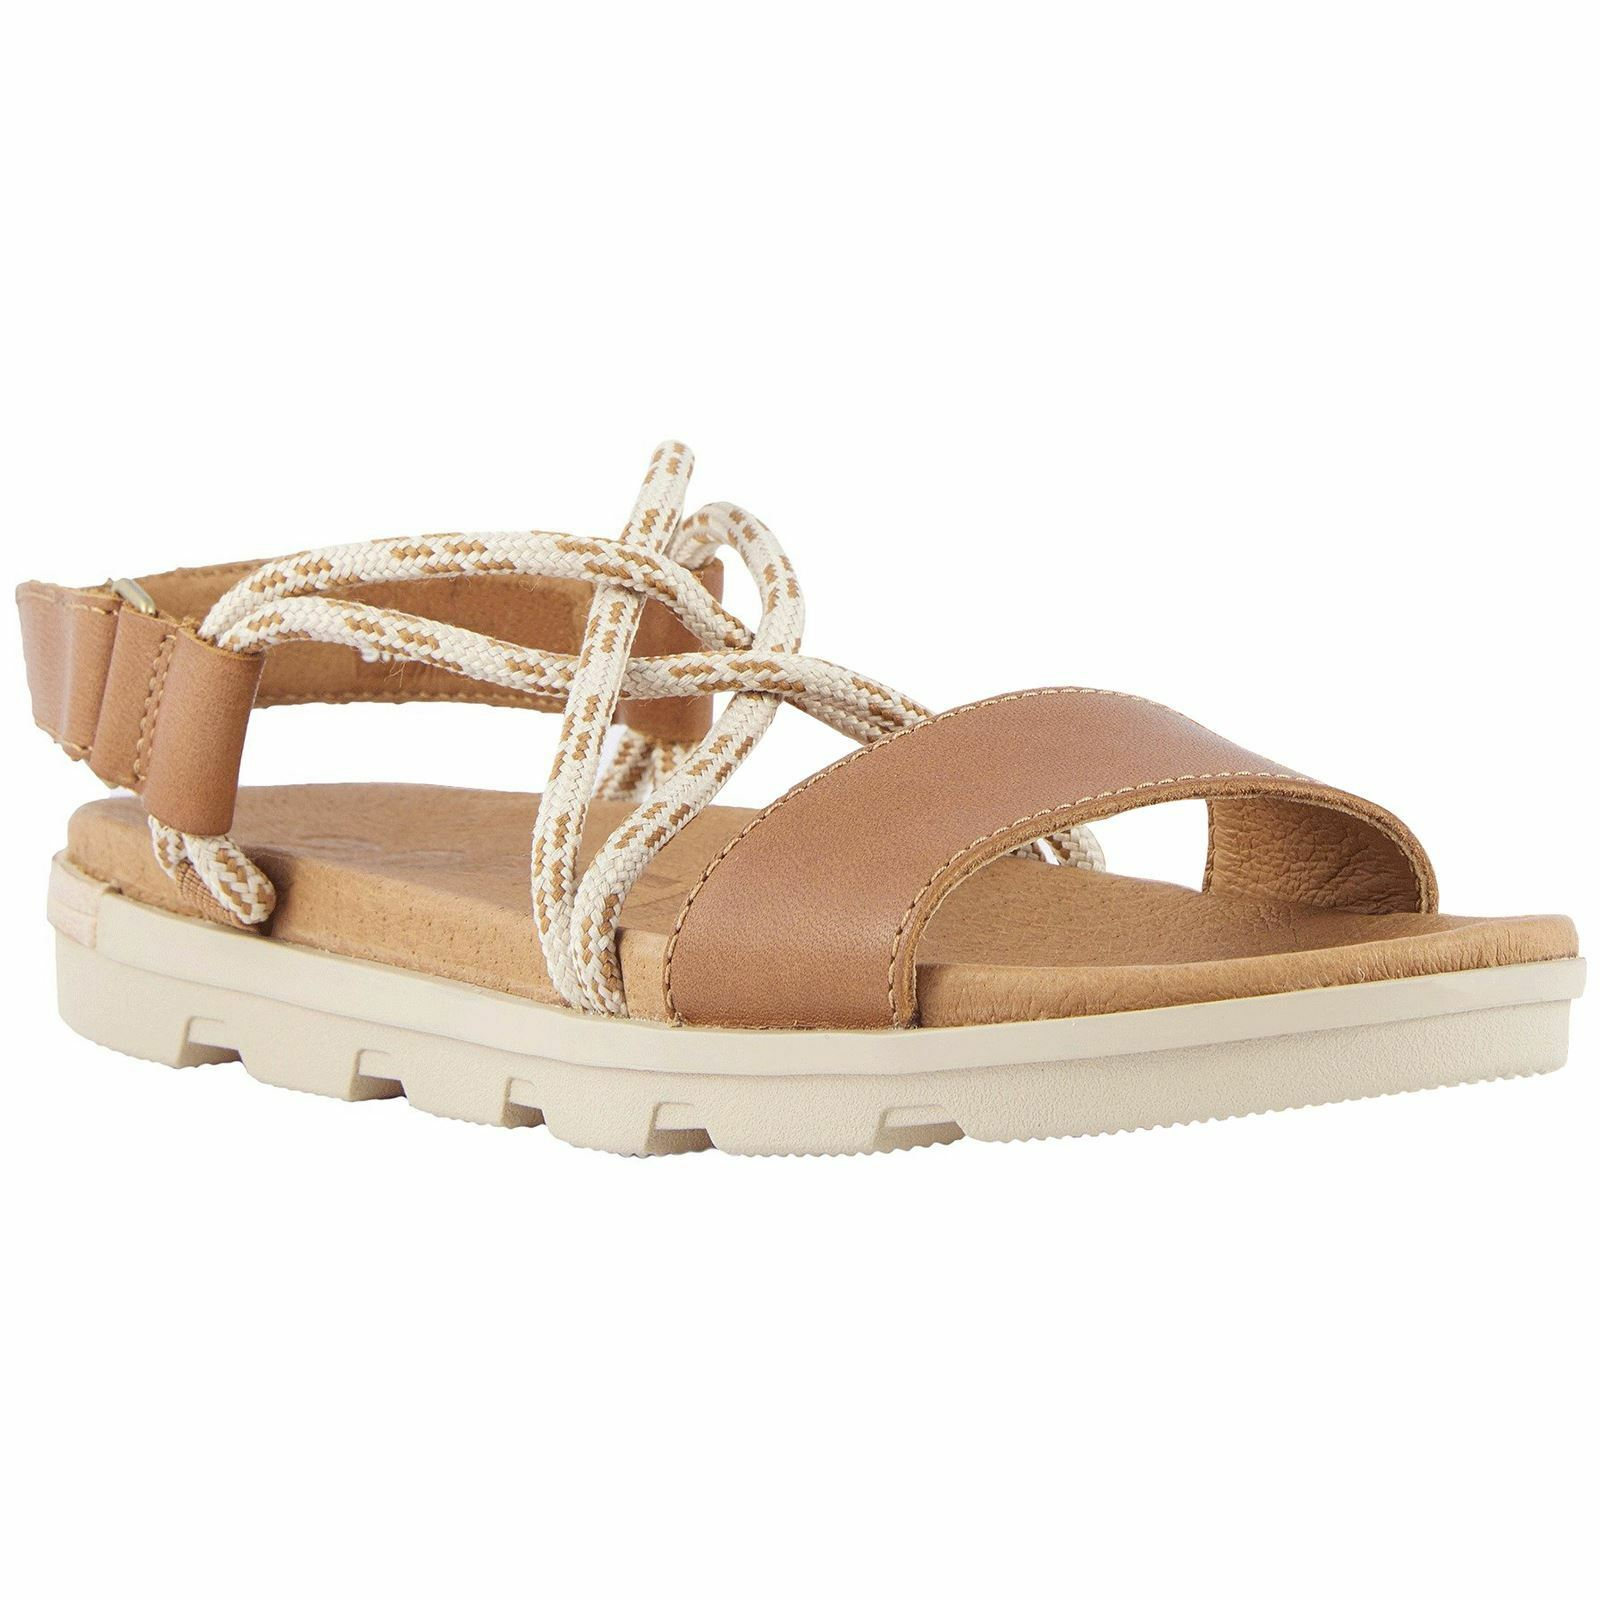 Sorel torpeda II Camel Marrón de atrás con sandalias de cuero para mujer